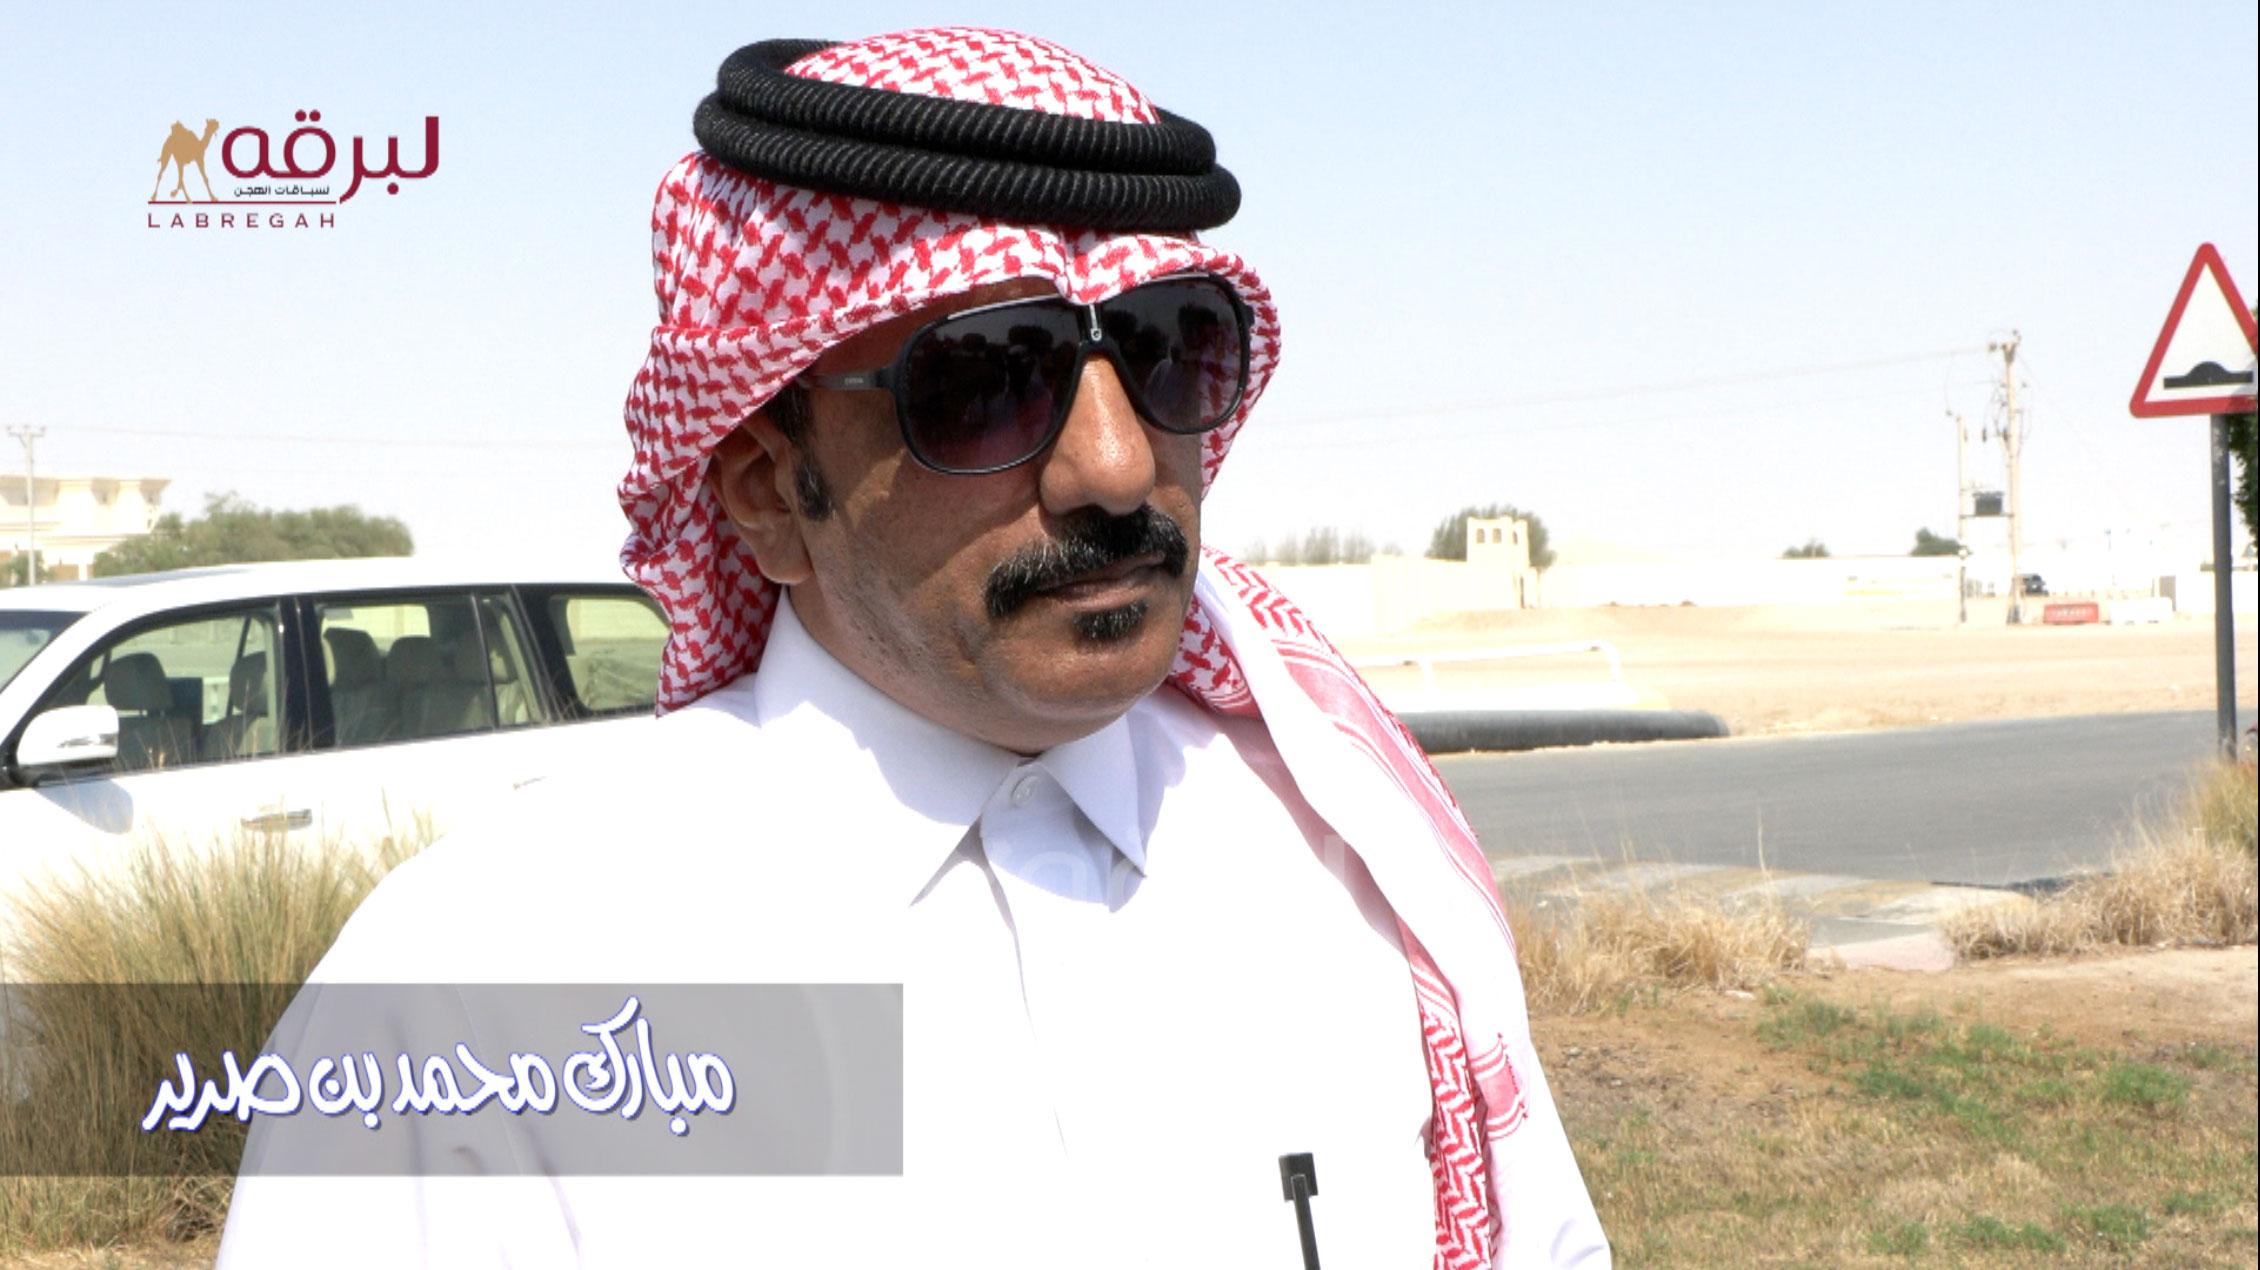 لقاء مع مبارك محمد بن صرير الشوط الرئيسي حقايق قعدان إنتاج ميدان الشحانية ٤-٩-٢٠٢١